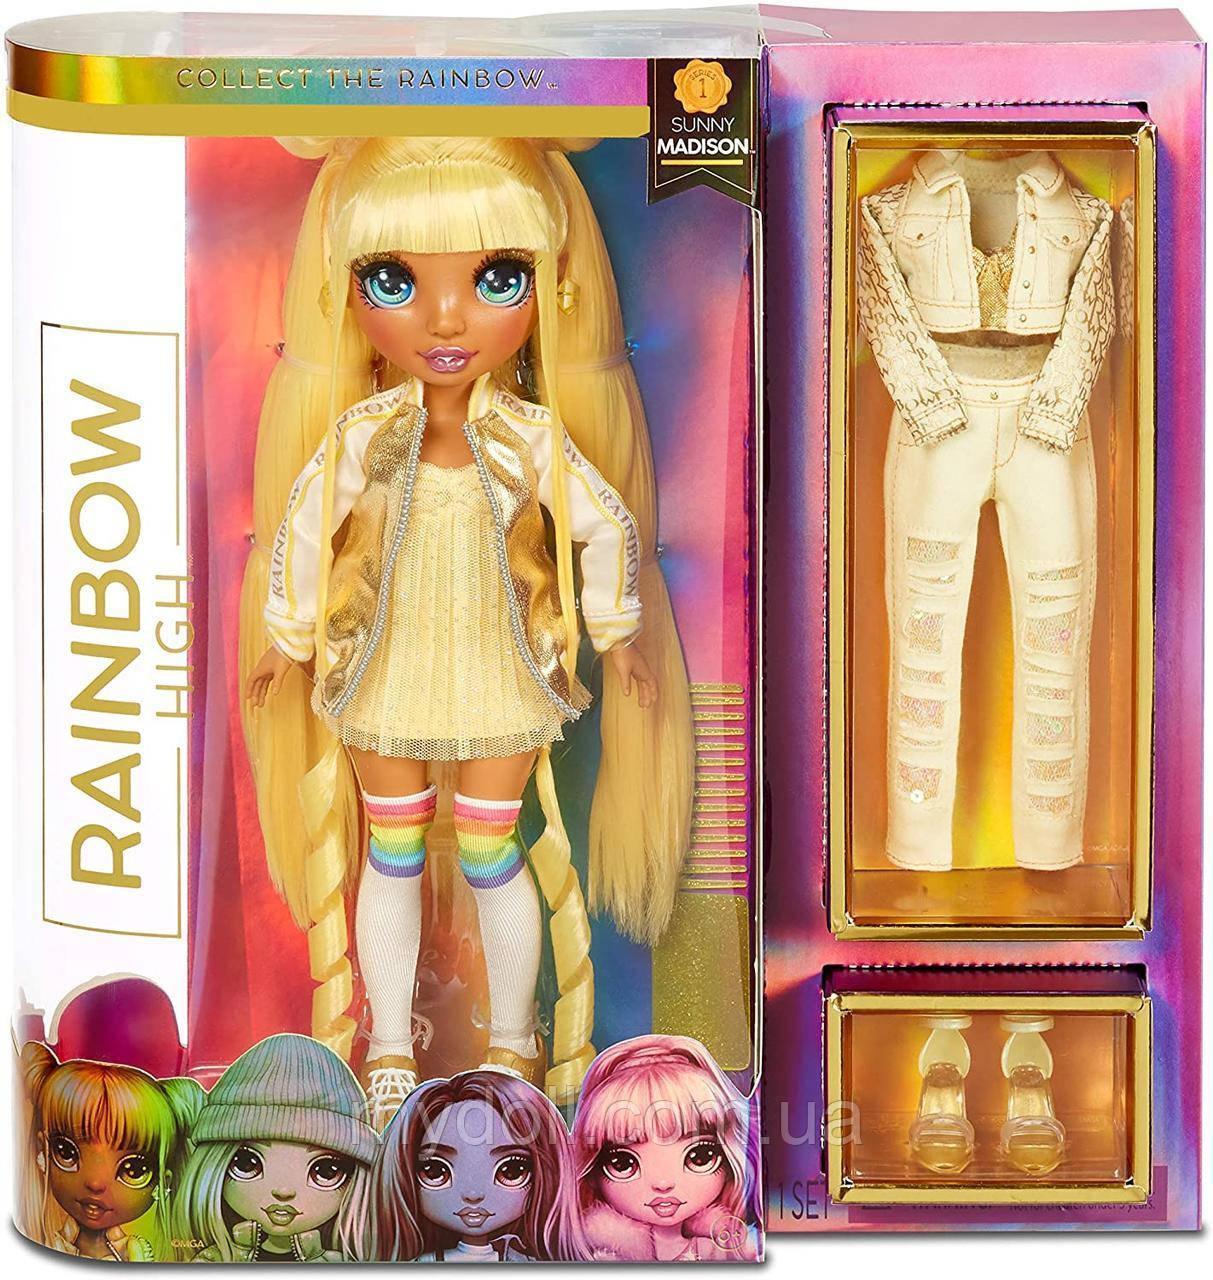 Лялька Rainbow High Санні Sunny Madison Yellow Clothes Жовта Мосту Хай Санні Медісон 569626 Оригінал